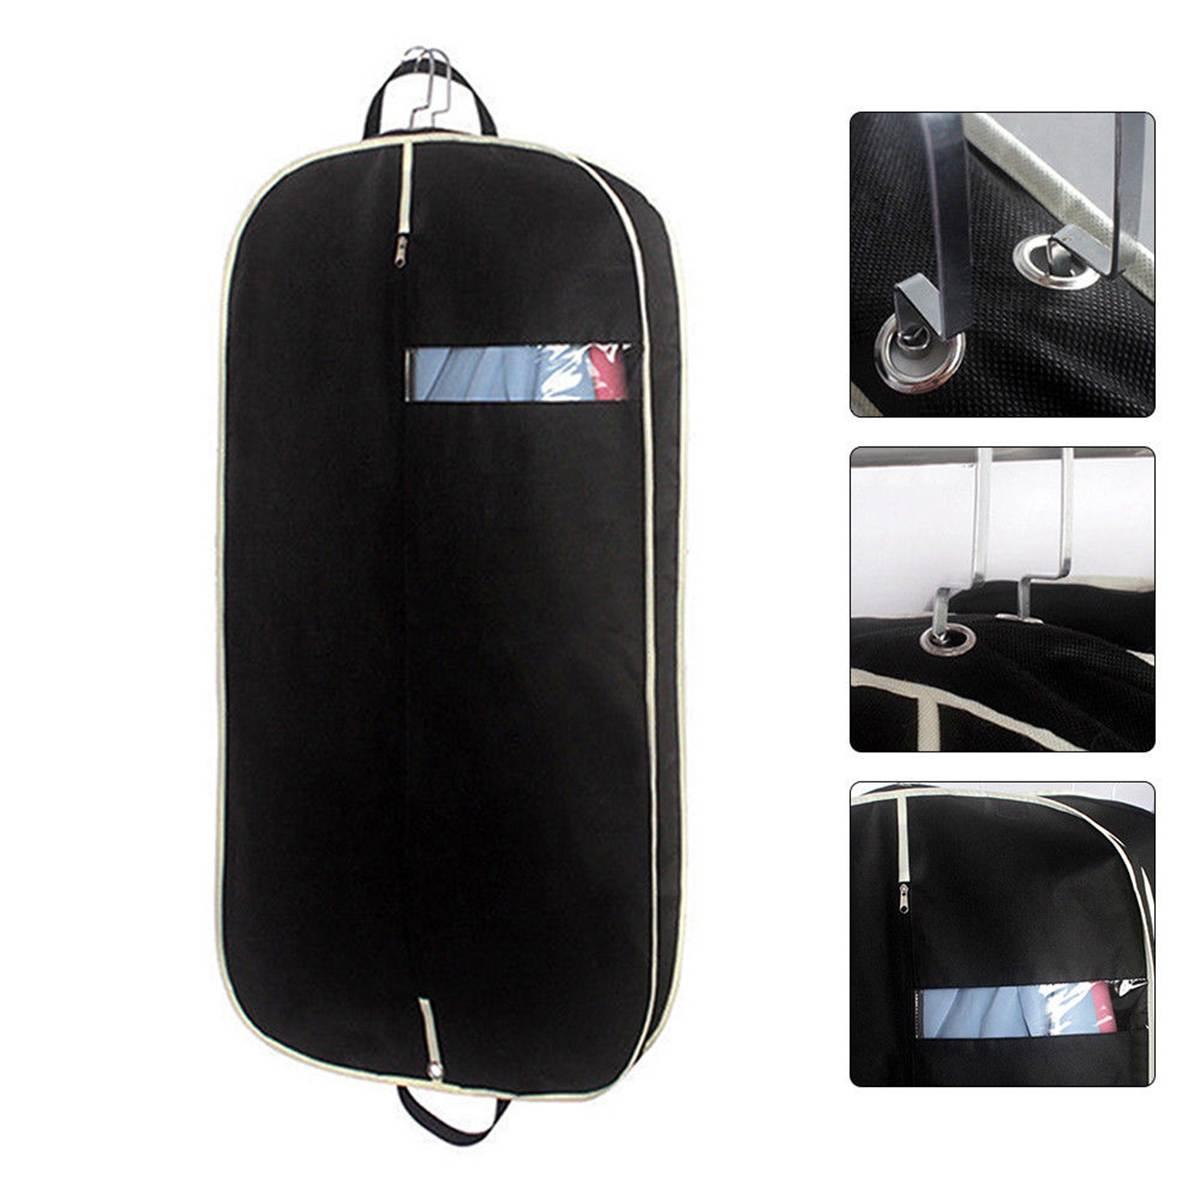 Men Suit Storage Bag Dustproof Hanger Organizer Travel Coat Clothes Garment Cover Case Accessories Supplies 60*110*10cm